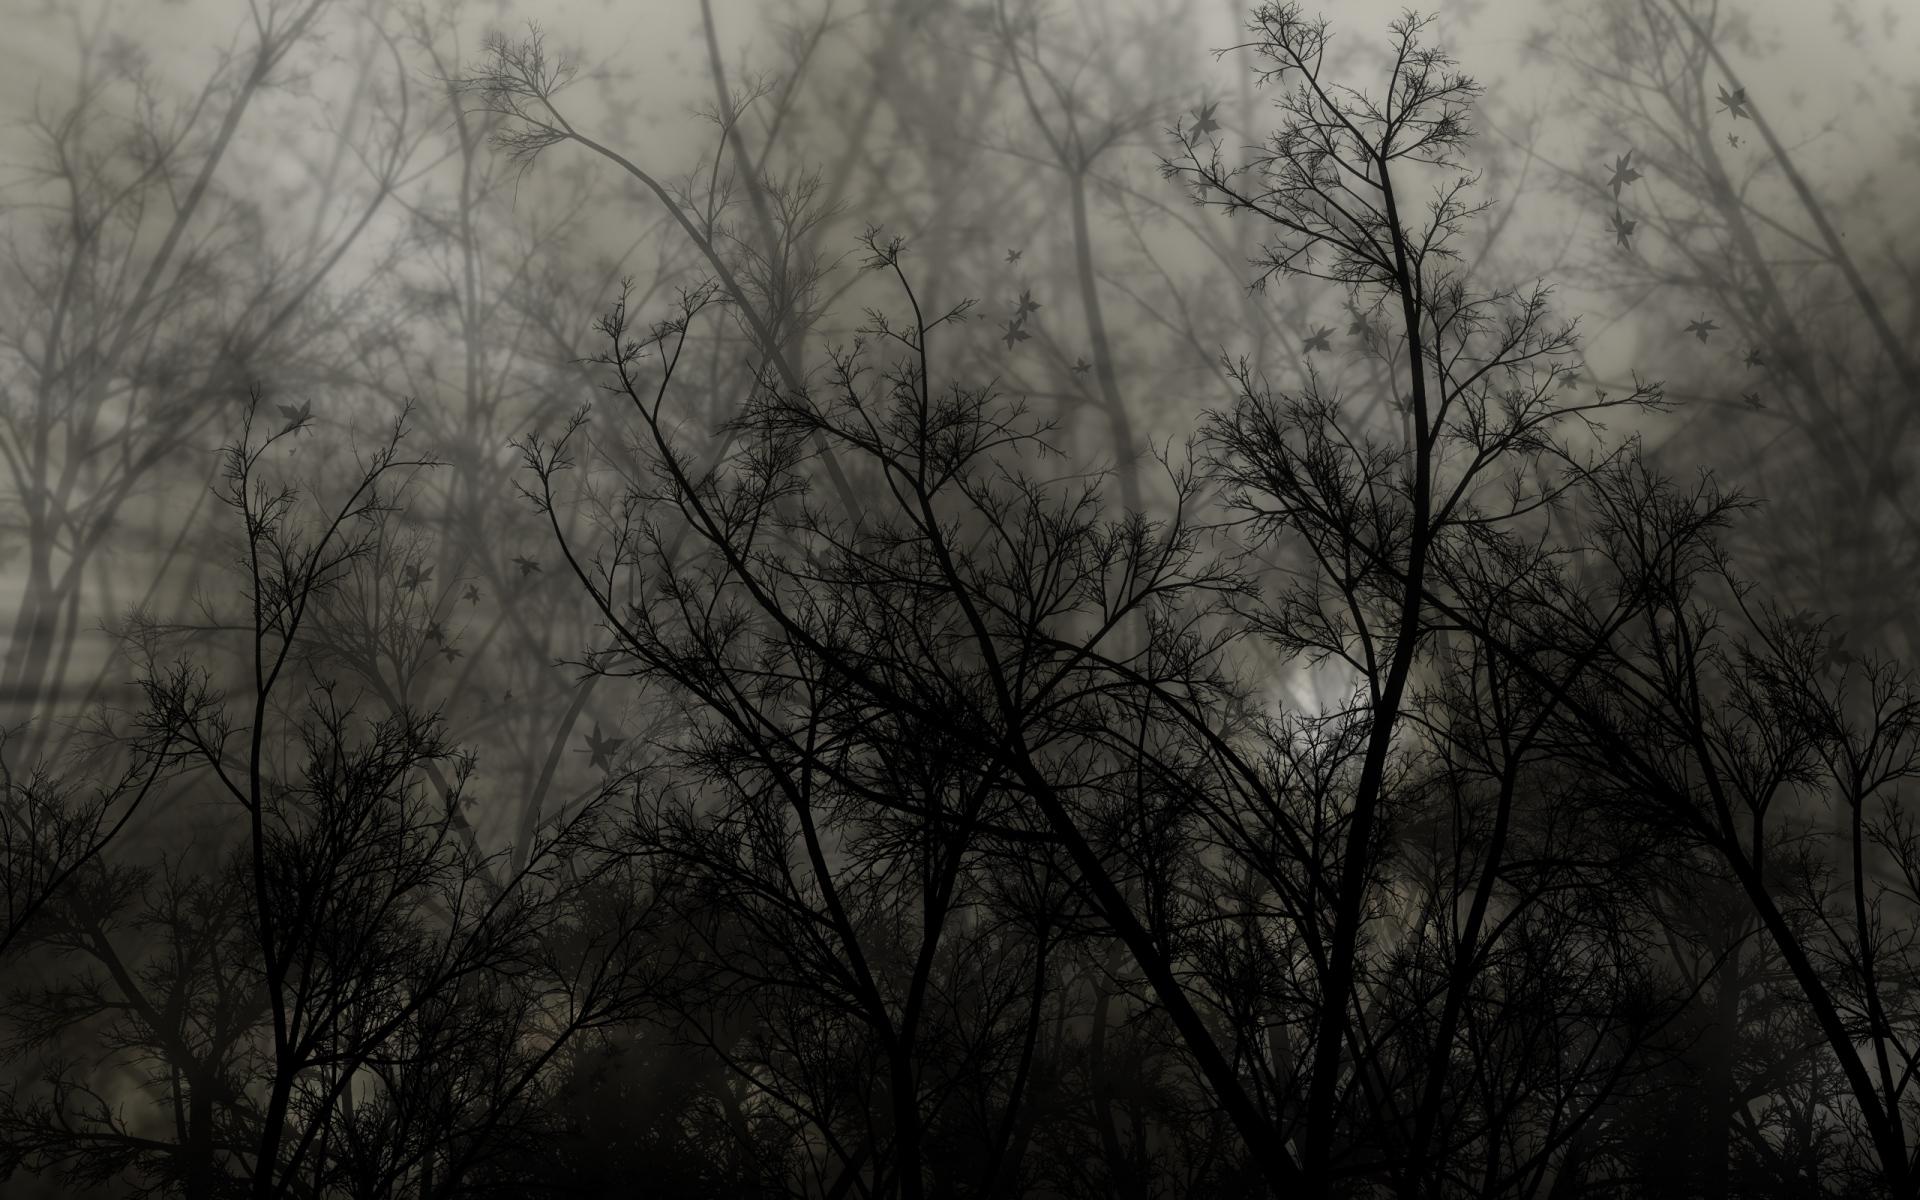 Картинки Деревья, ветки, темные, ночь фото и обои на рабочий стол